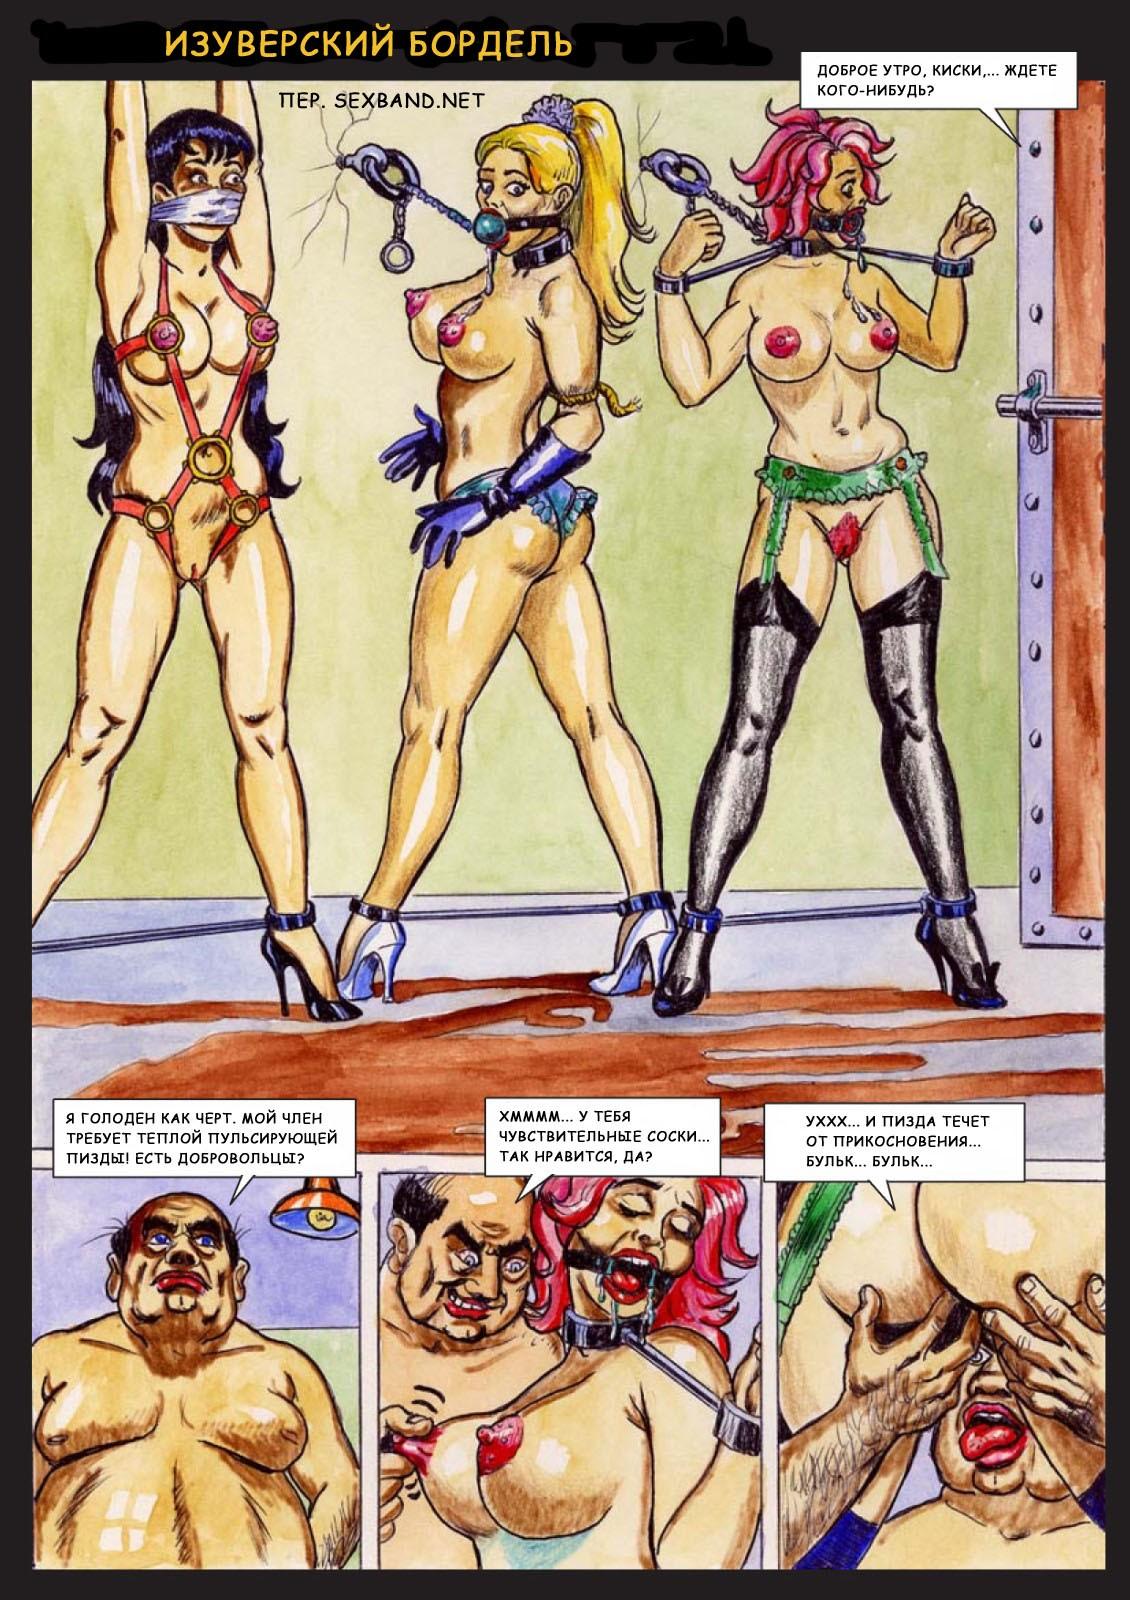 Проститутки в бордели смотреть 7 фотография